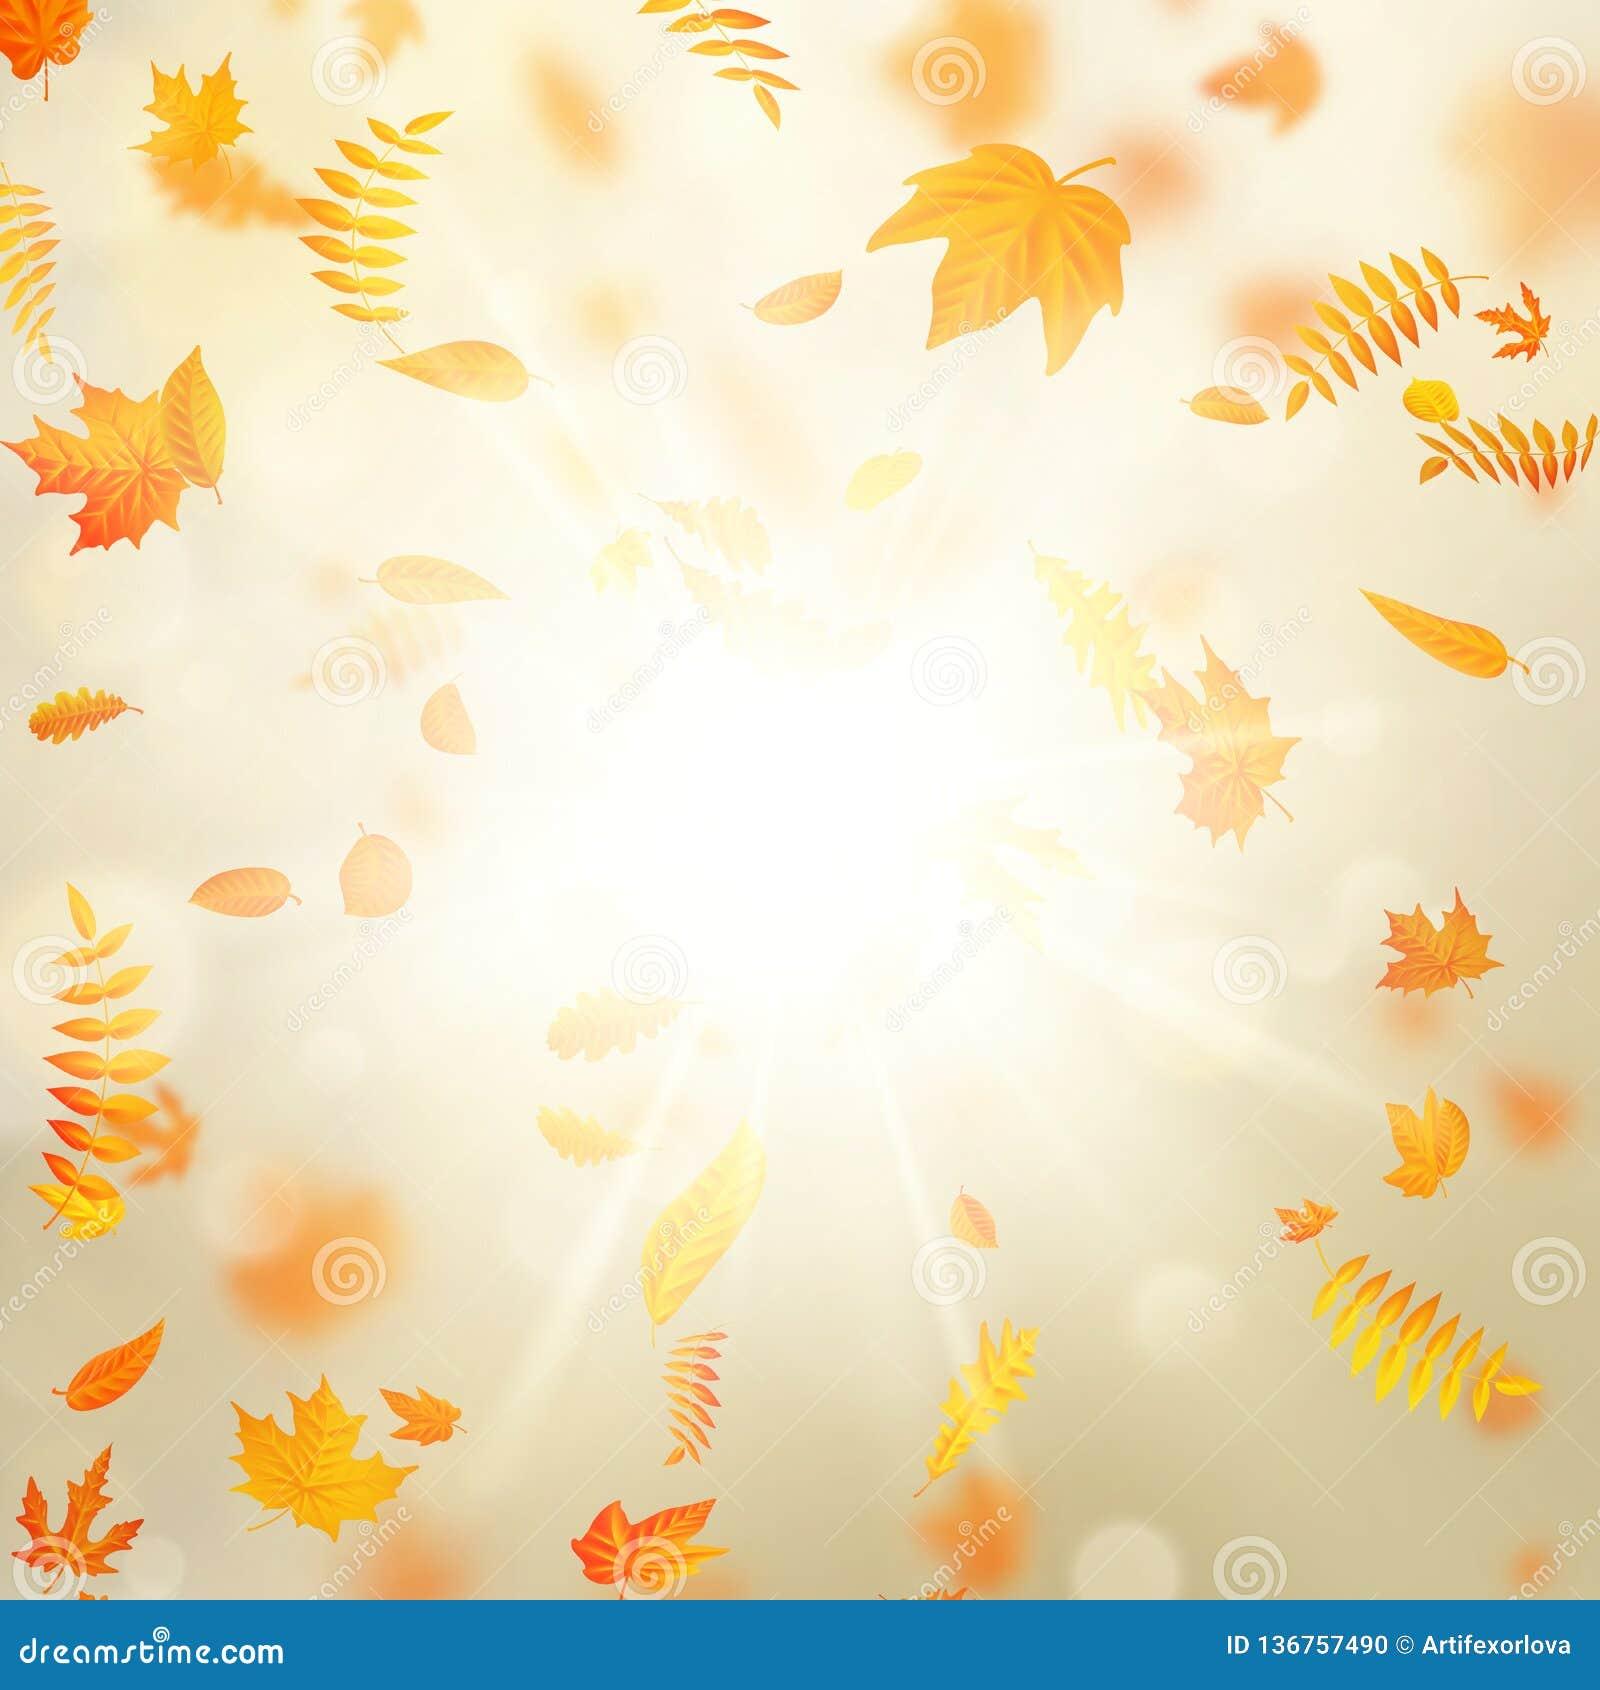 Fondo hermoso del otoño con las hojas de otoño del arce y el sol delicado EPS 10